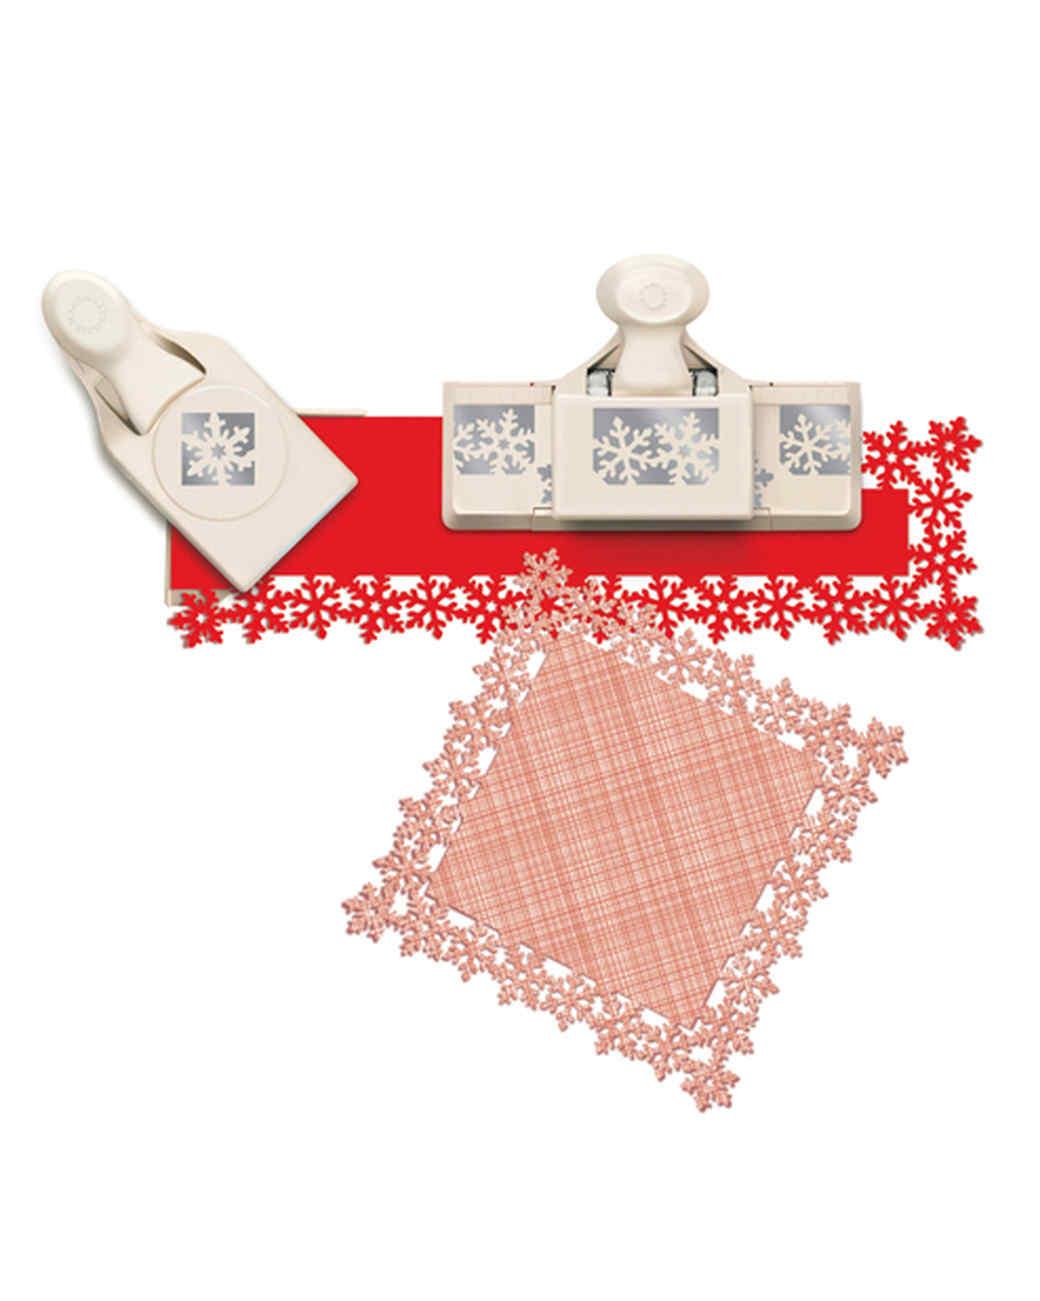 mscrafts-snowflake-mrkt-1112.jpg